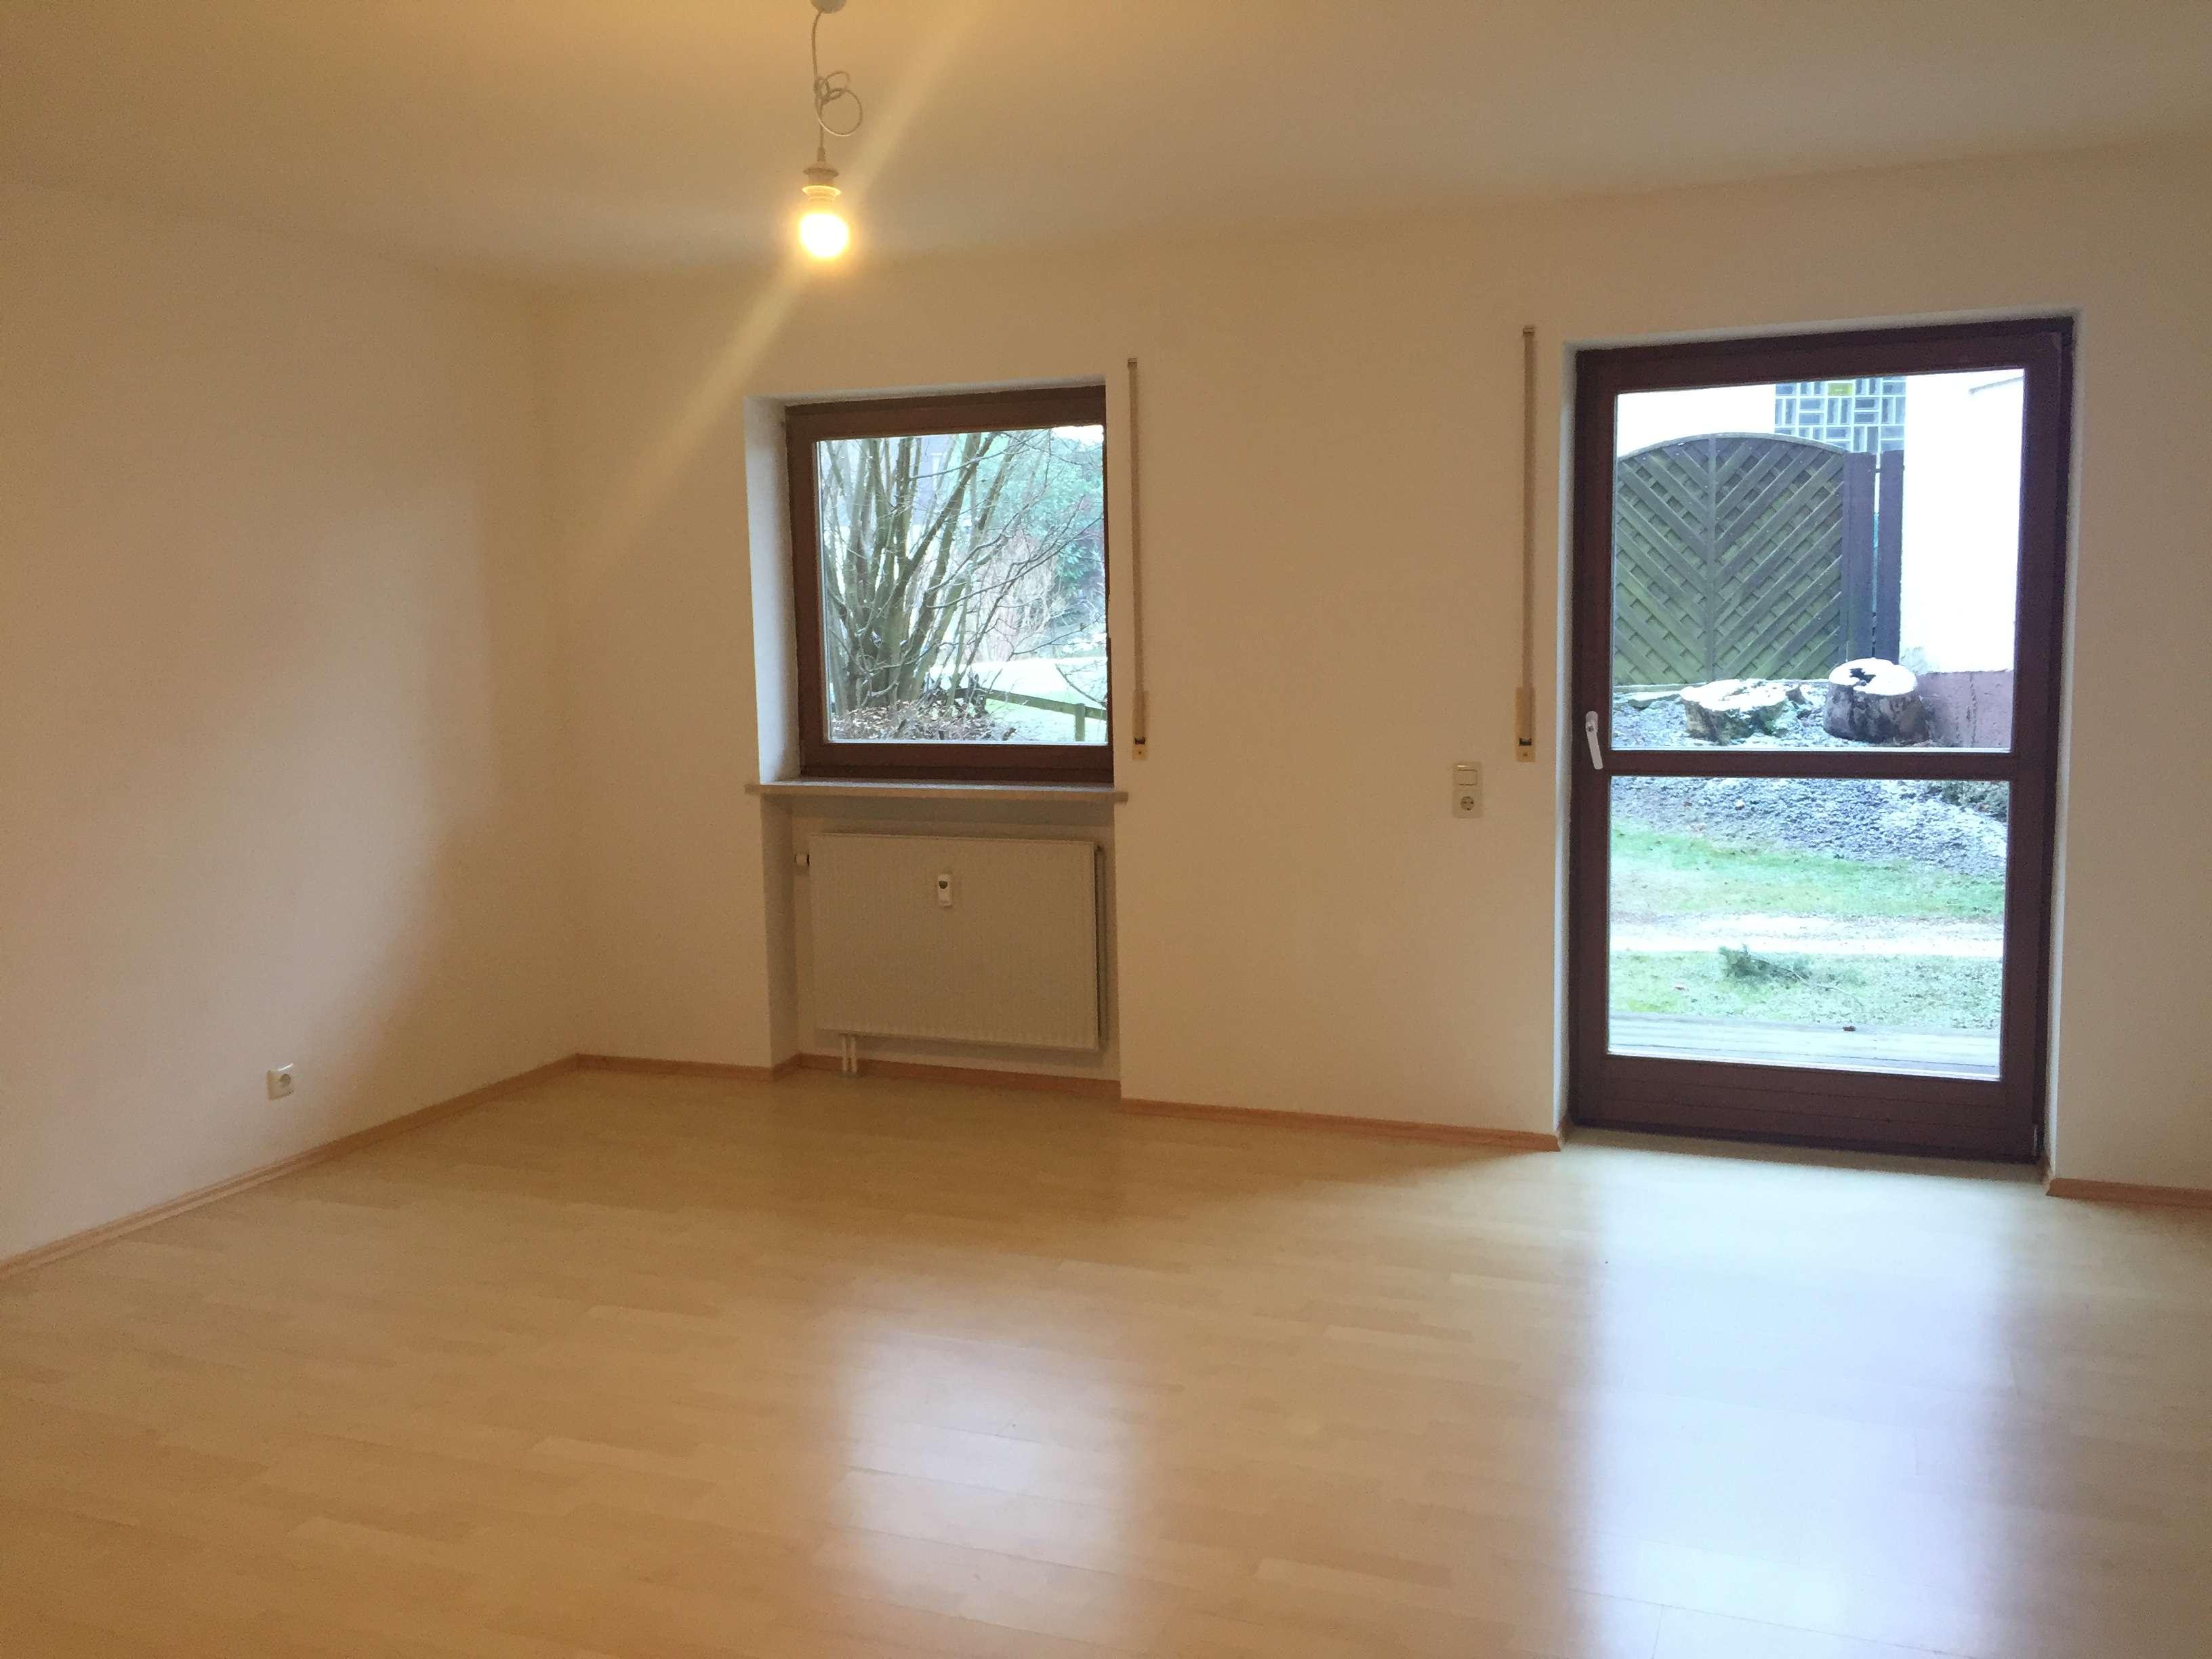 schönes Apartment mit Terrasse in Bad Griesbach im Rottal